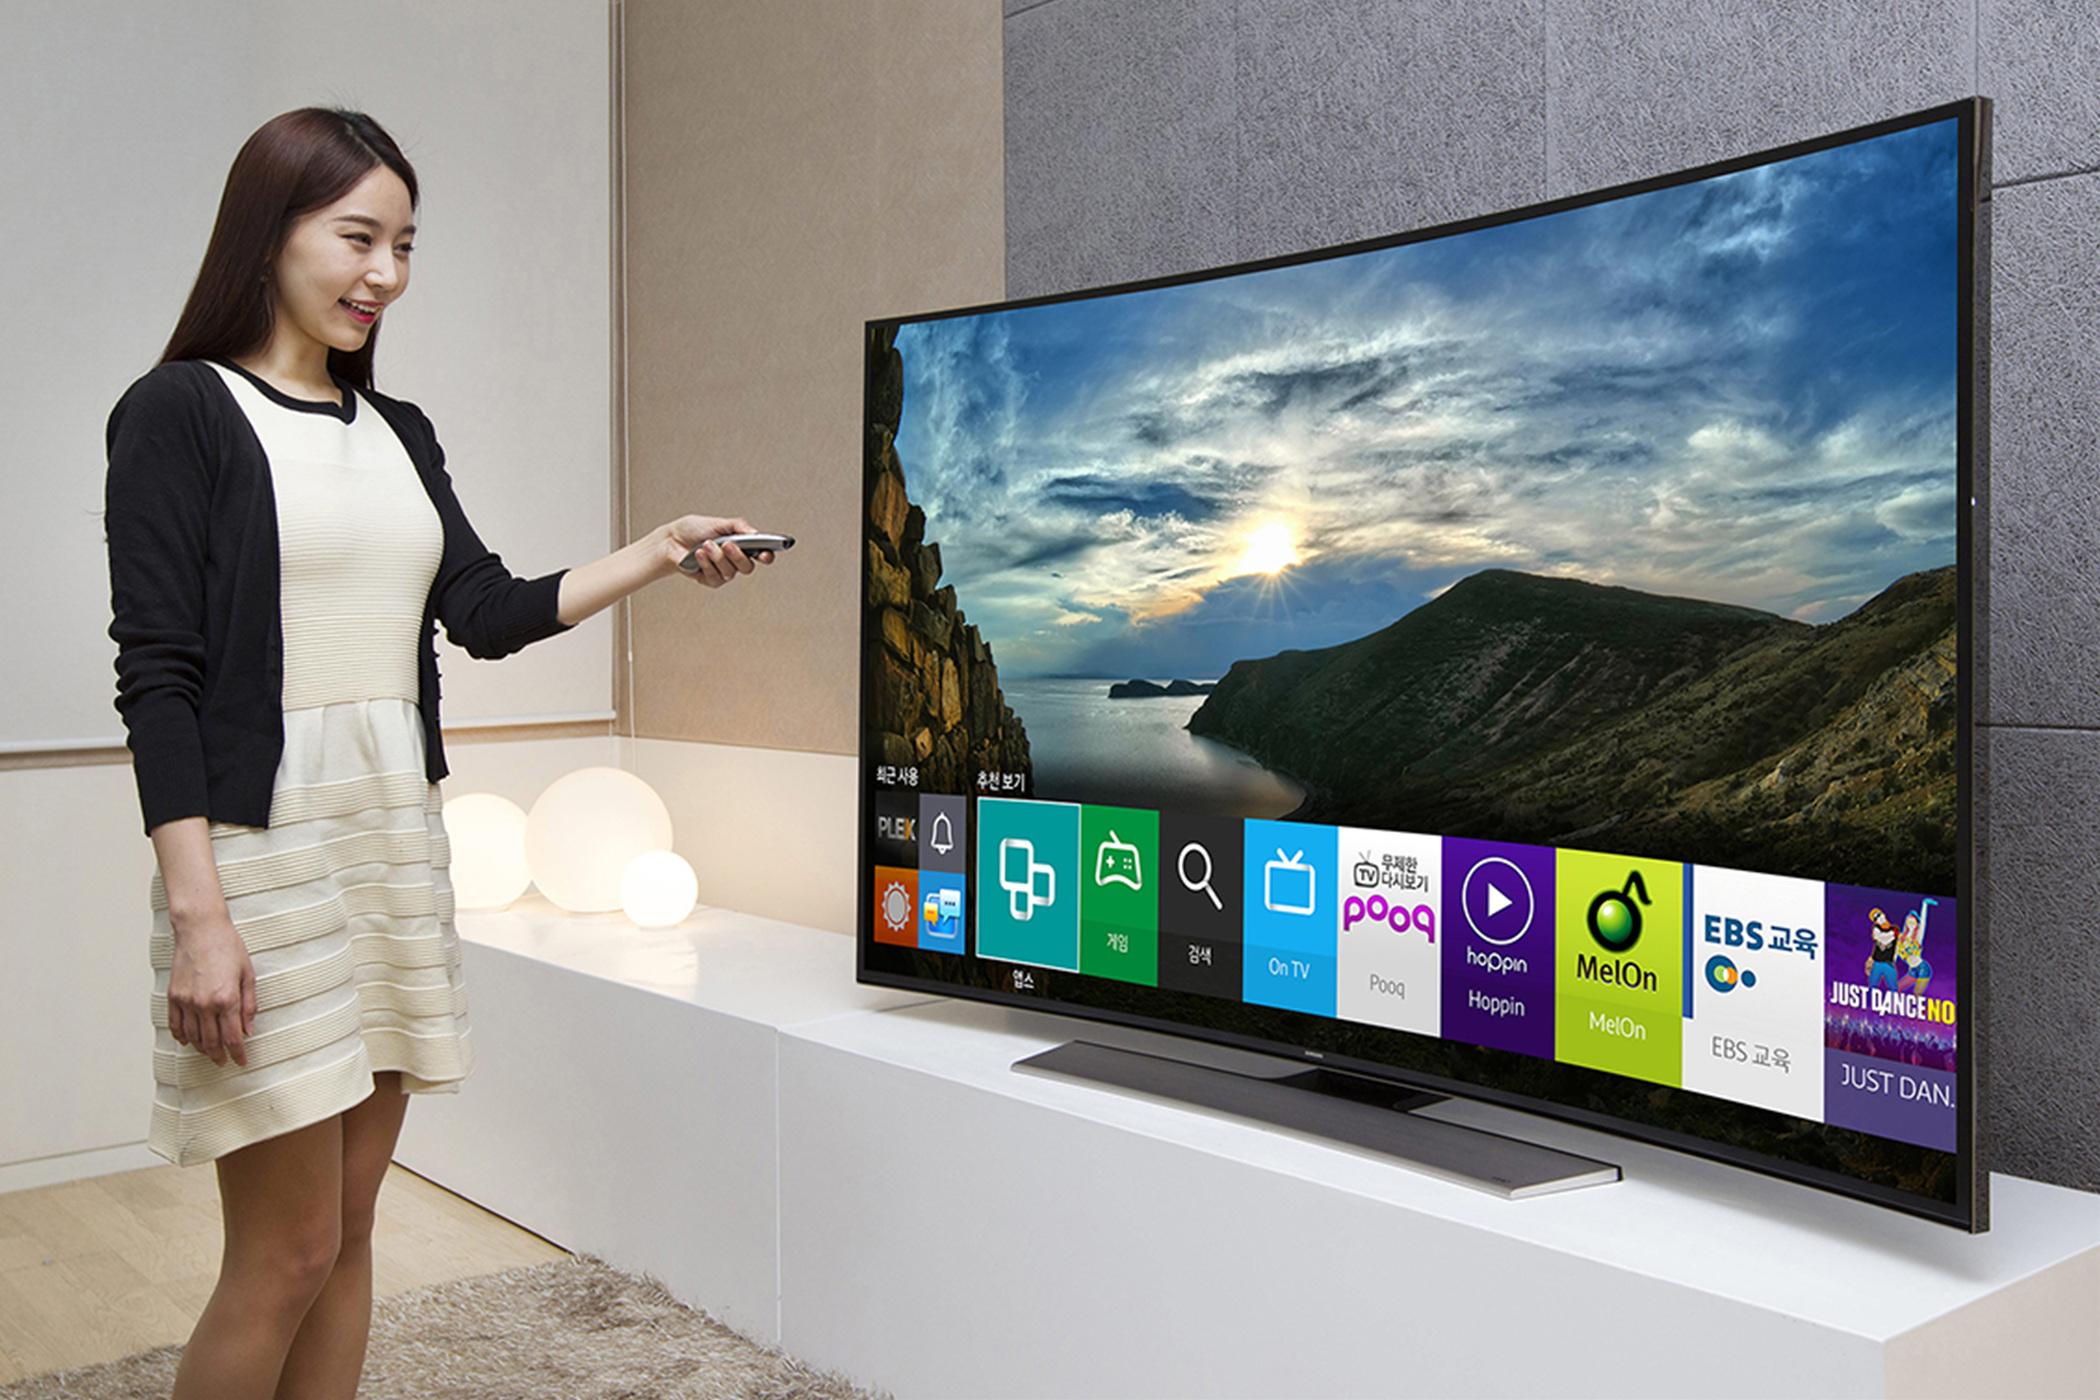 Samsung smart home hubs will be running Tizen